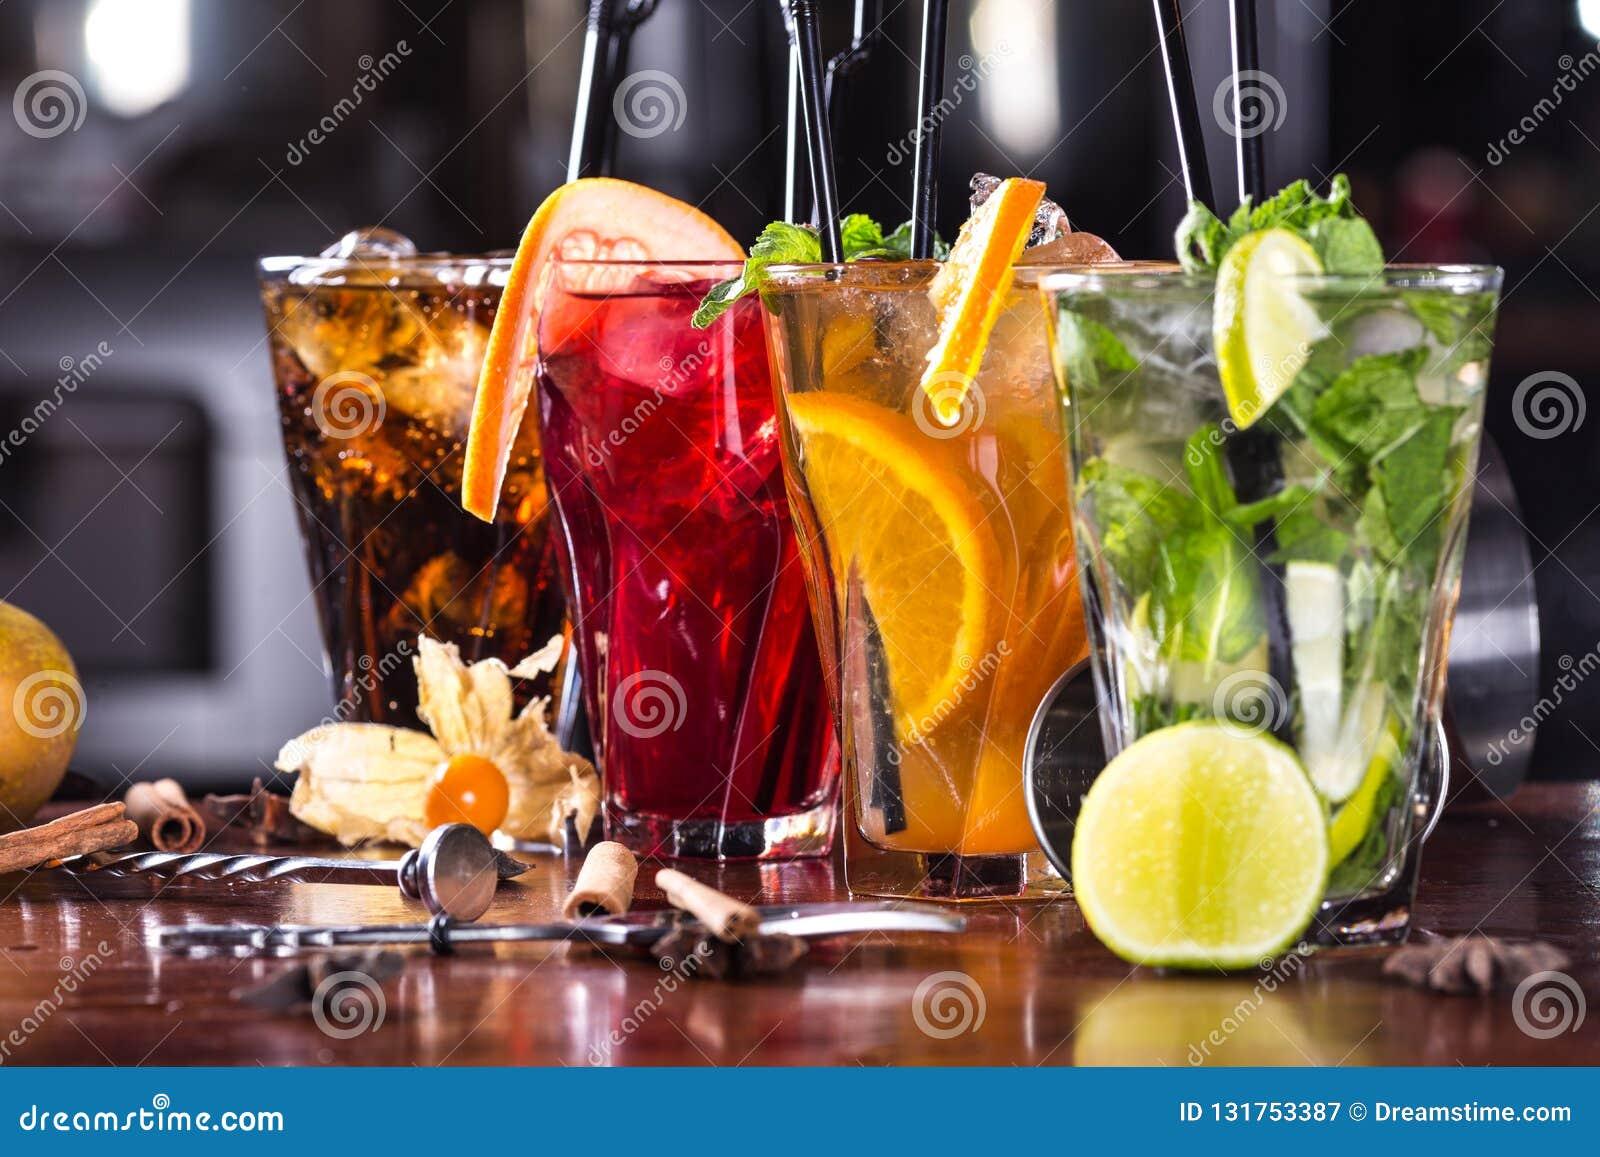 Munt mojito-cocktail, oranje cocktail, aardbeicocktail in glasglazen met stro Bartoebehoren: schudbeker